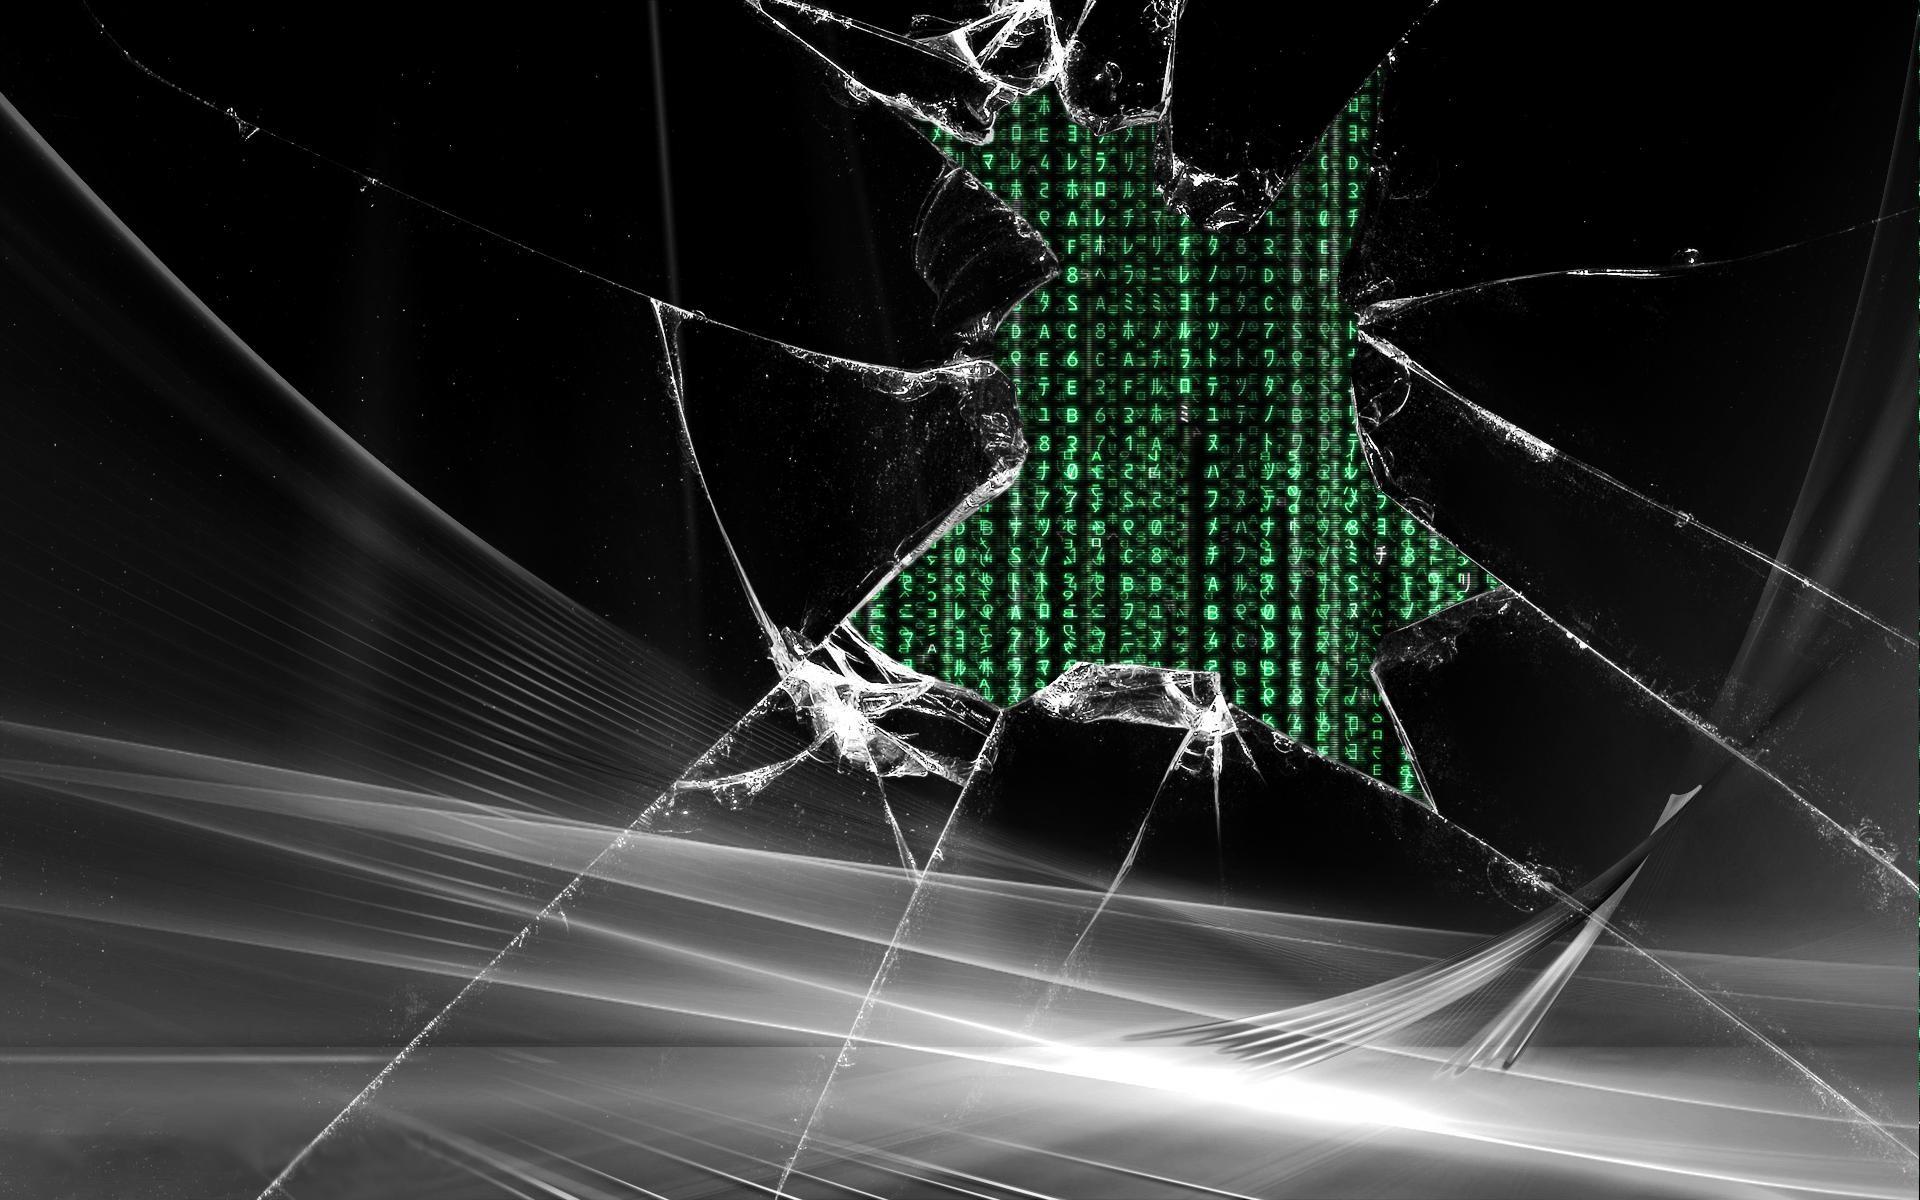 broken screen background 183��